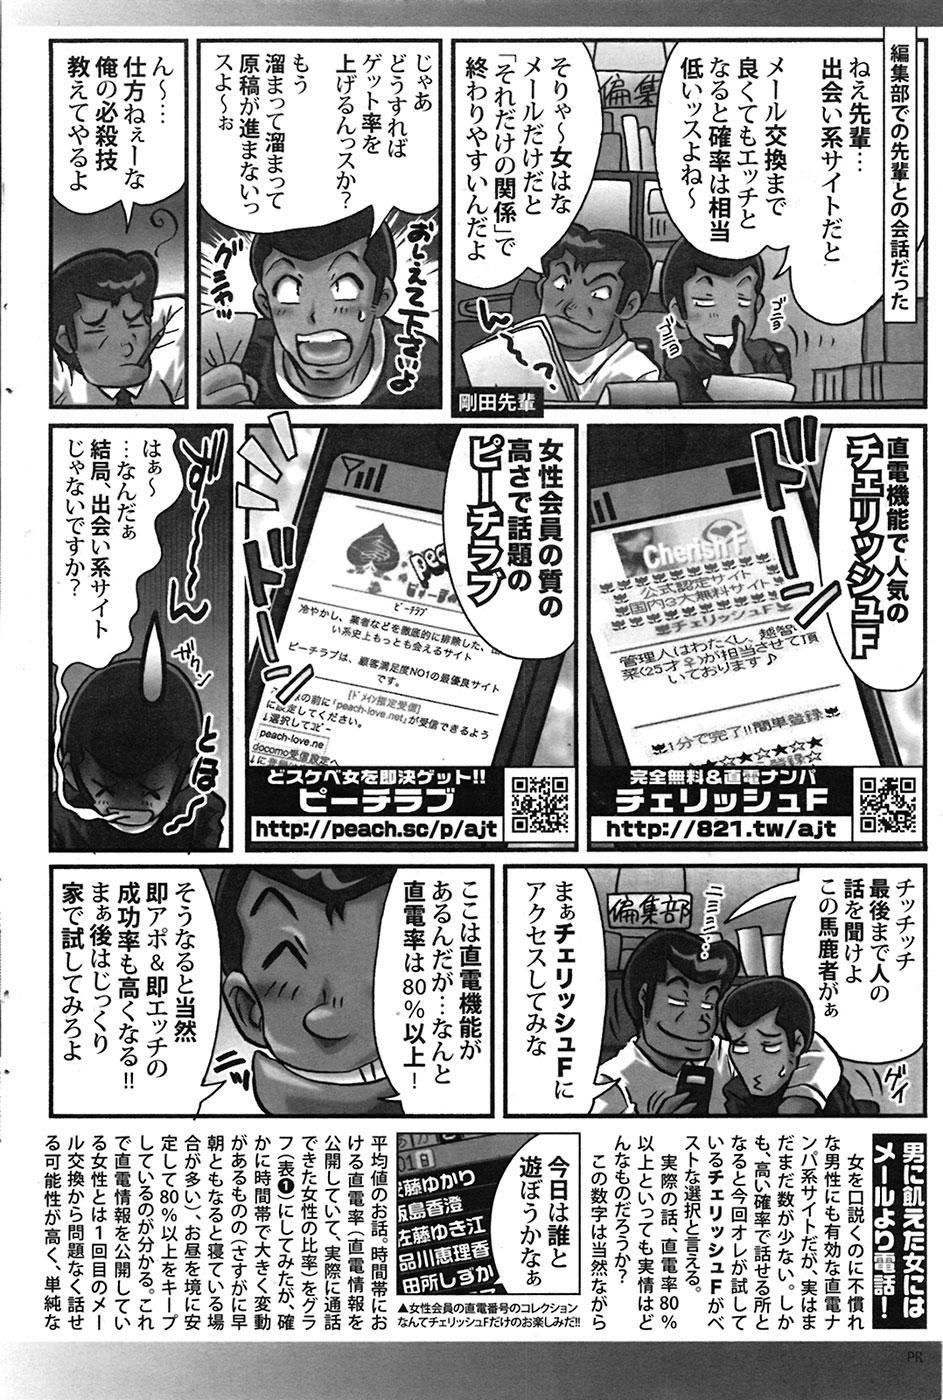 COMIC Purumelo [2009-03] Vol.27 126